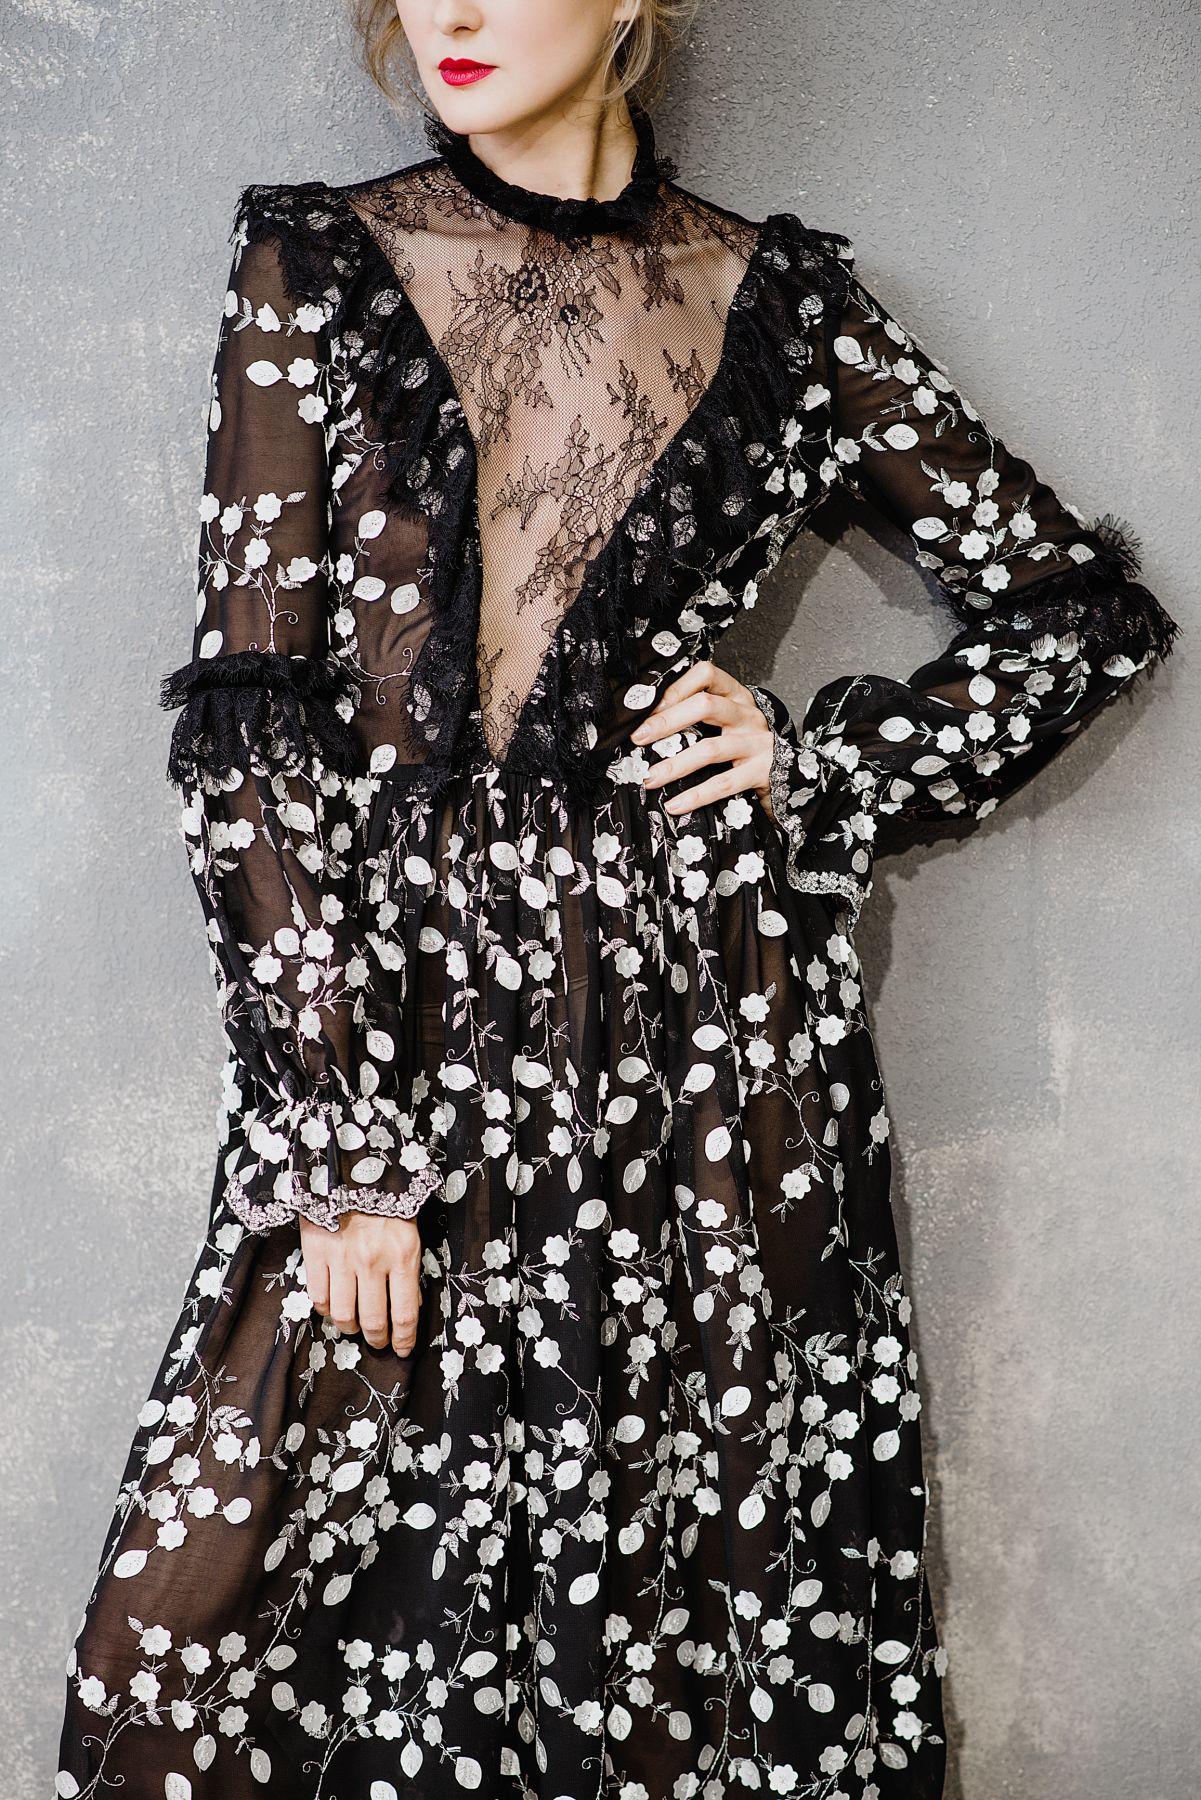 Платье от кутюр, вечернее черное платье с вышивкой купить в Москве ... b87d73f542f